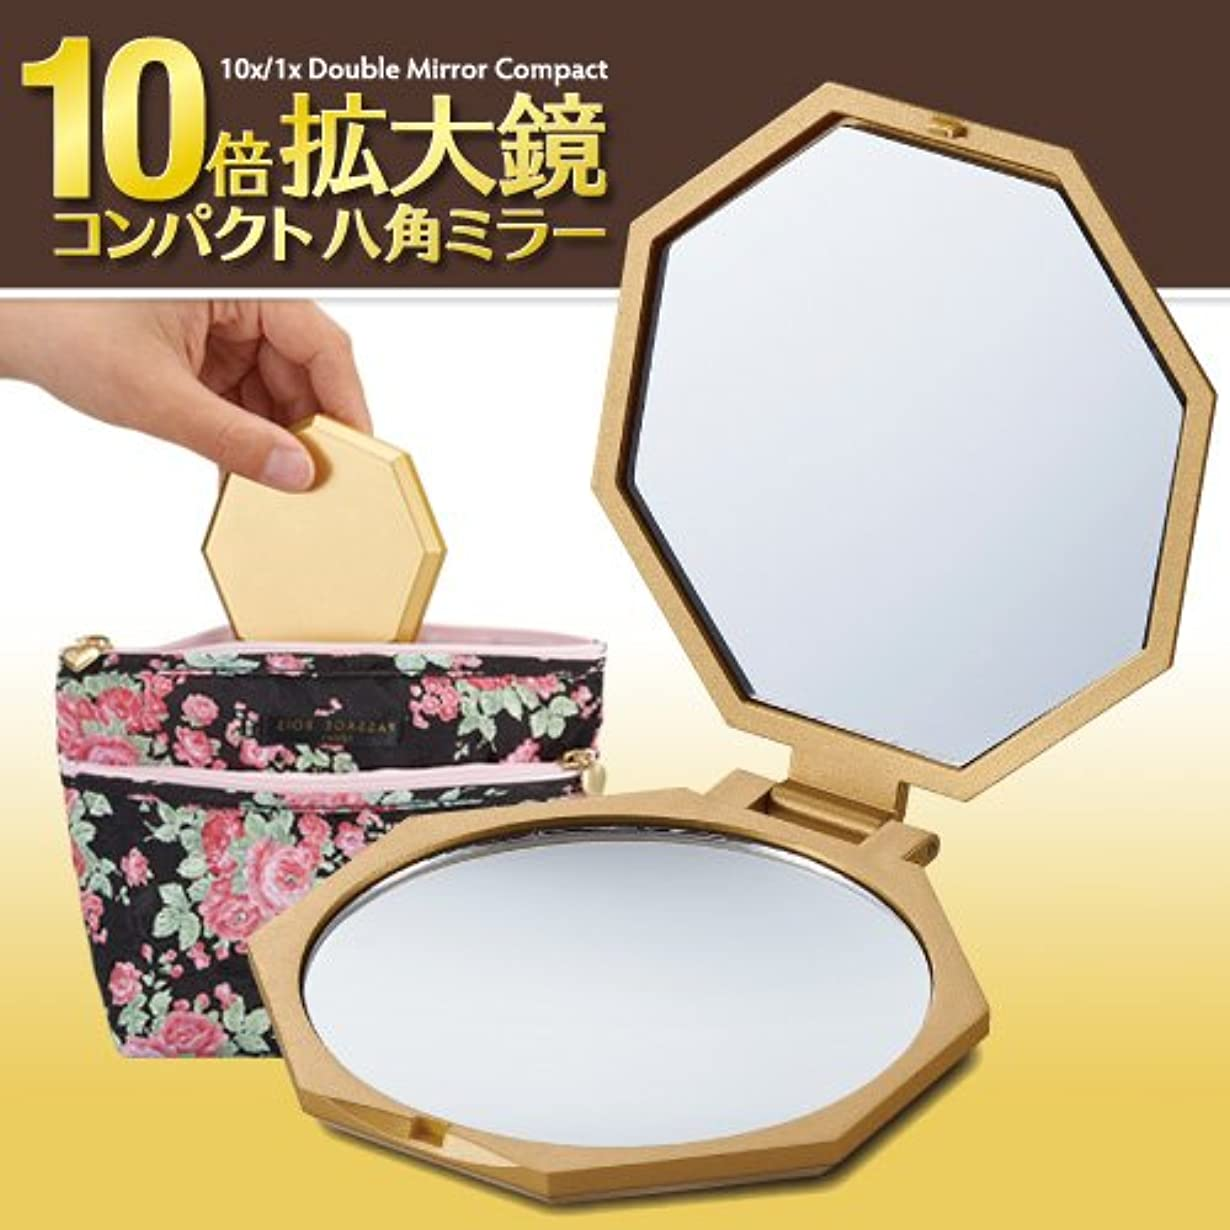 一般的なインシュレータグラフィック八角形×金色の風水デザイン コンパクトな10倍拡大鏡付きミラー【携帯ミラー アイメイクなどの細かいお化粧用鏡】